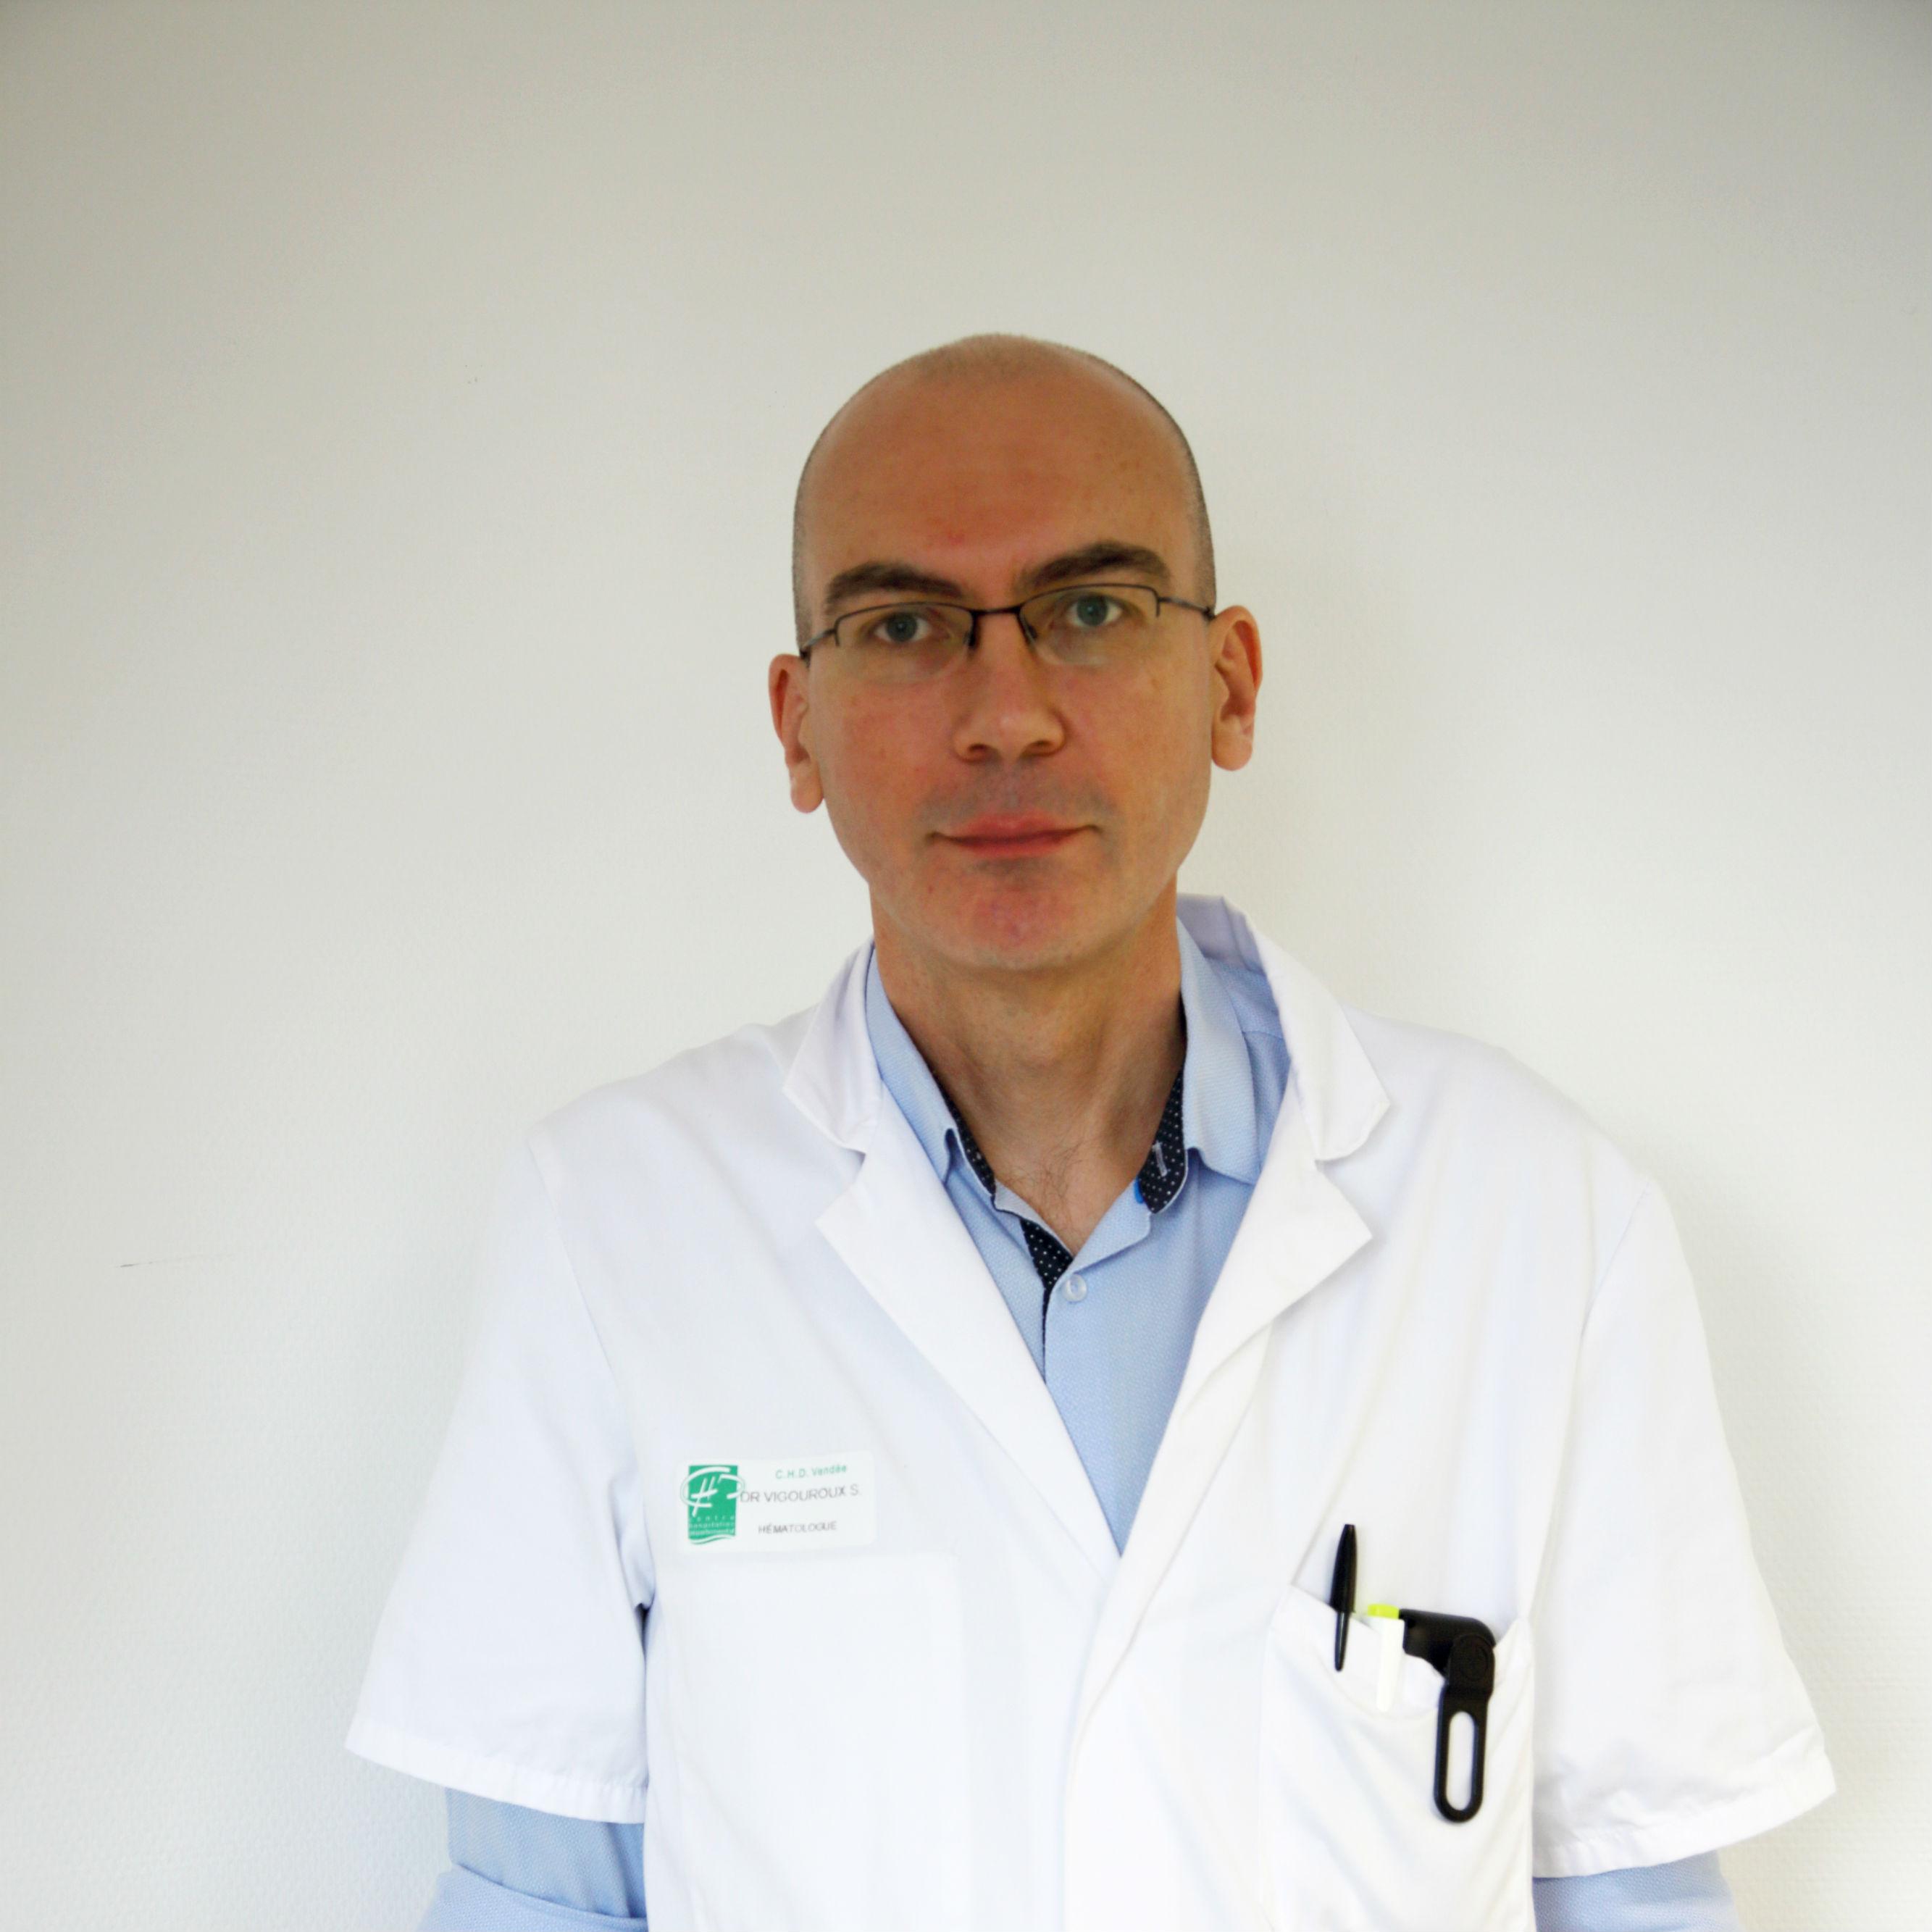 Stéphane Vigouroux